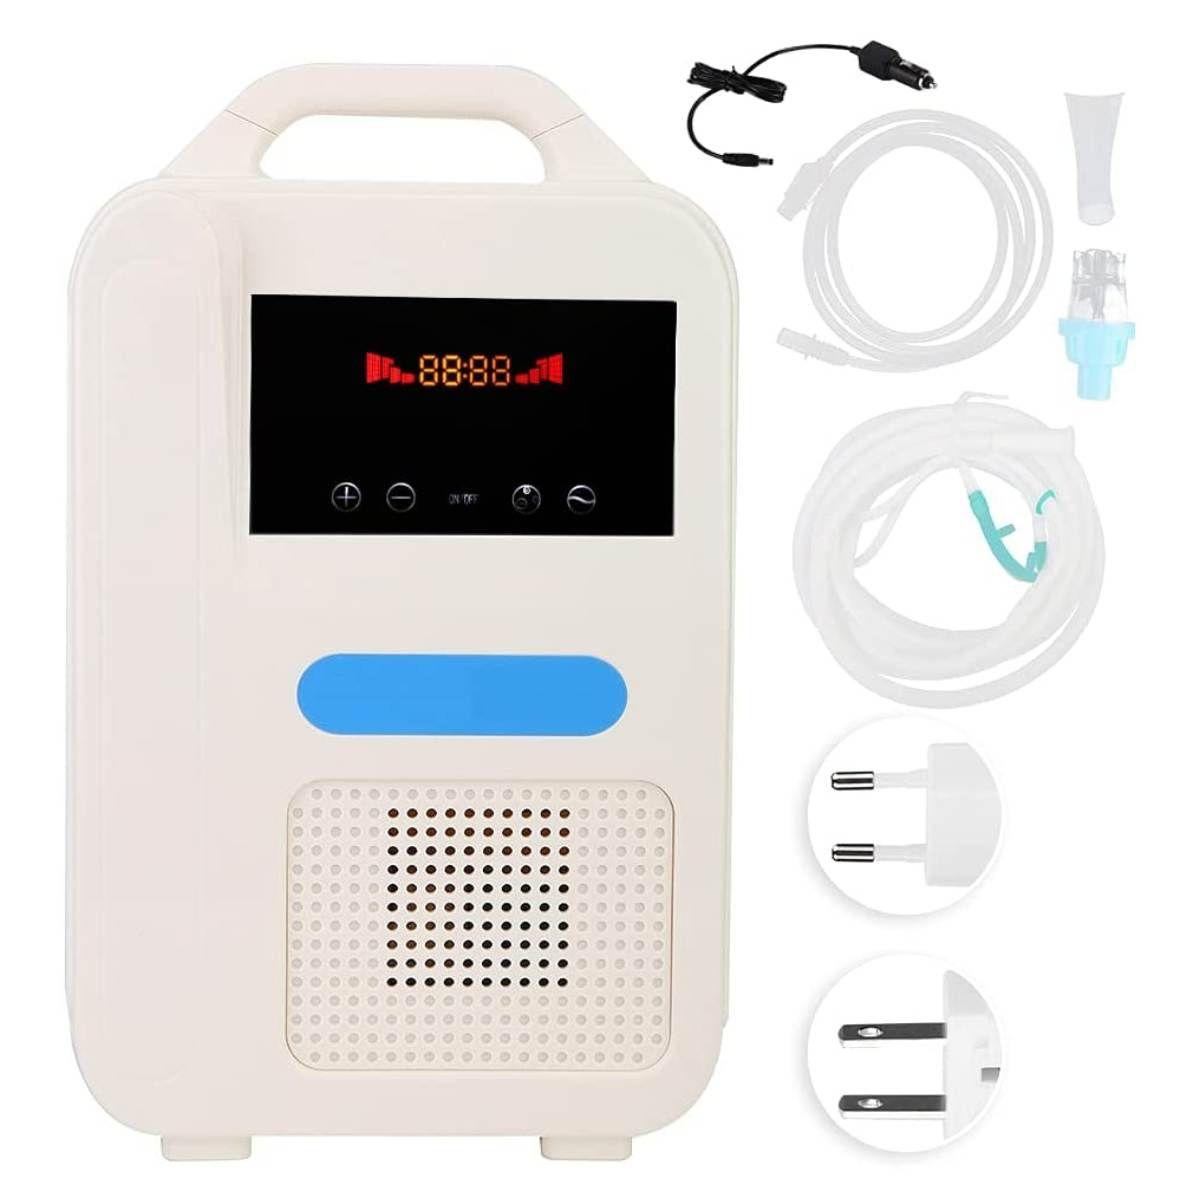 doa Portable Oxygen Concentrator